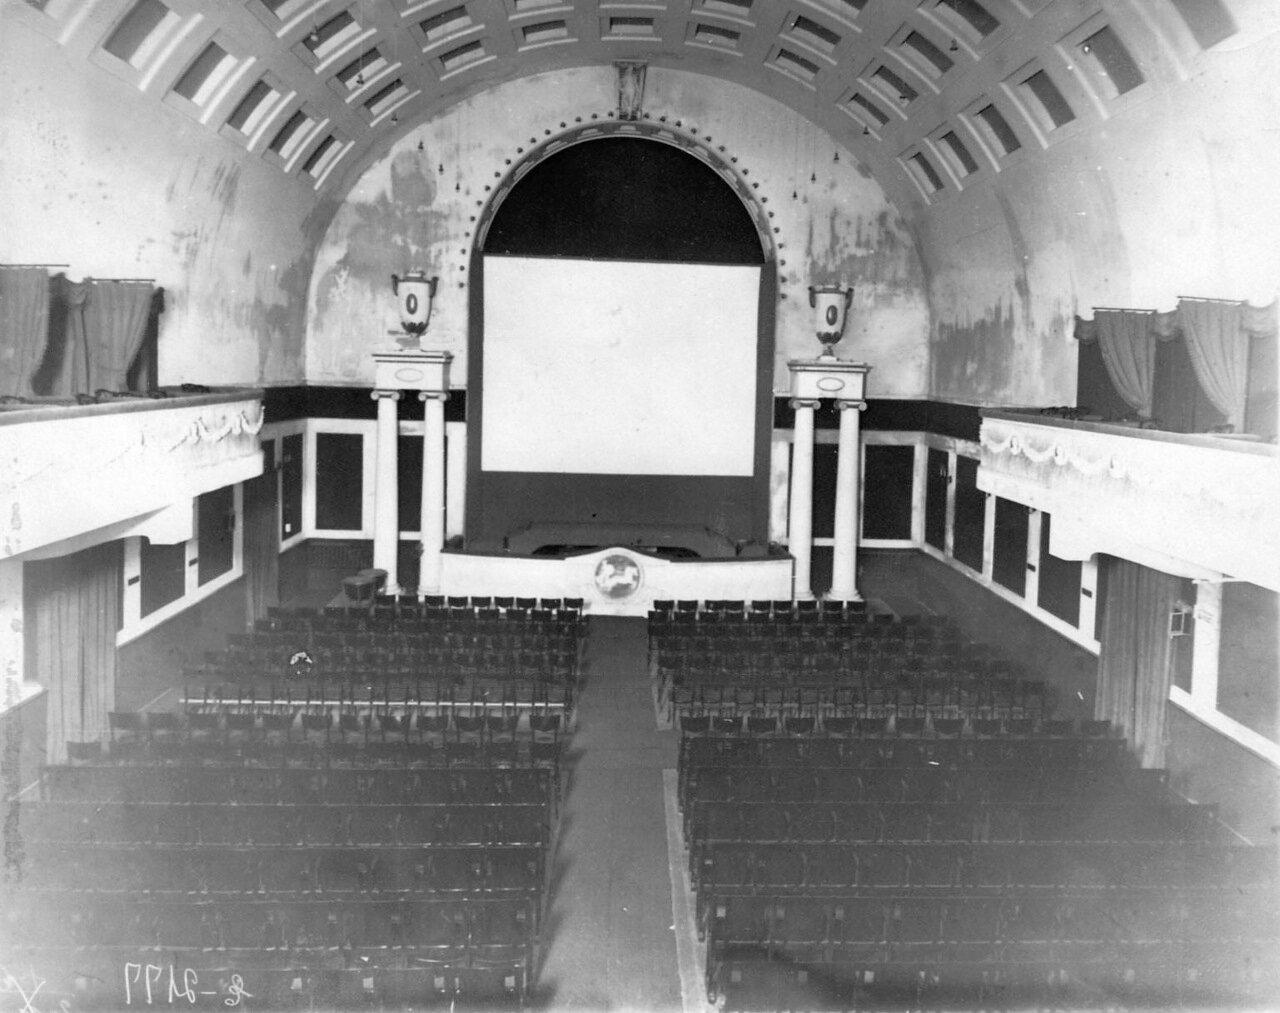 Кинотеатр «Форум» (Васильевский остров, 7-я линия, дом 34). 01. Зрительный зал кинотеатра, вид на экран